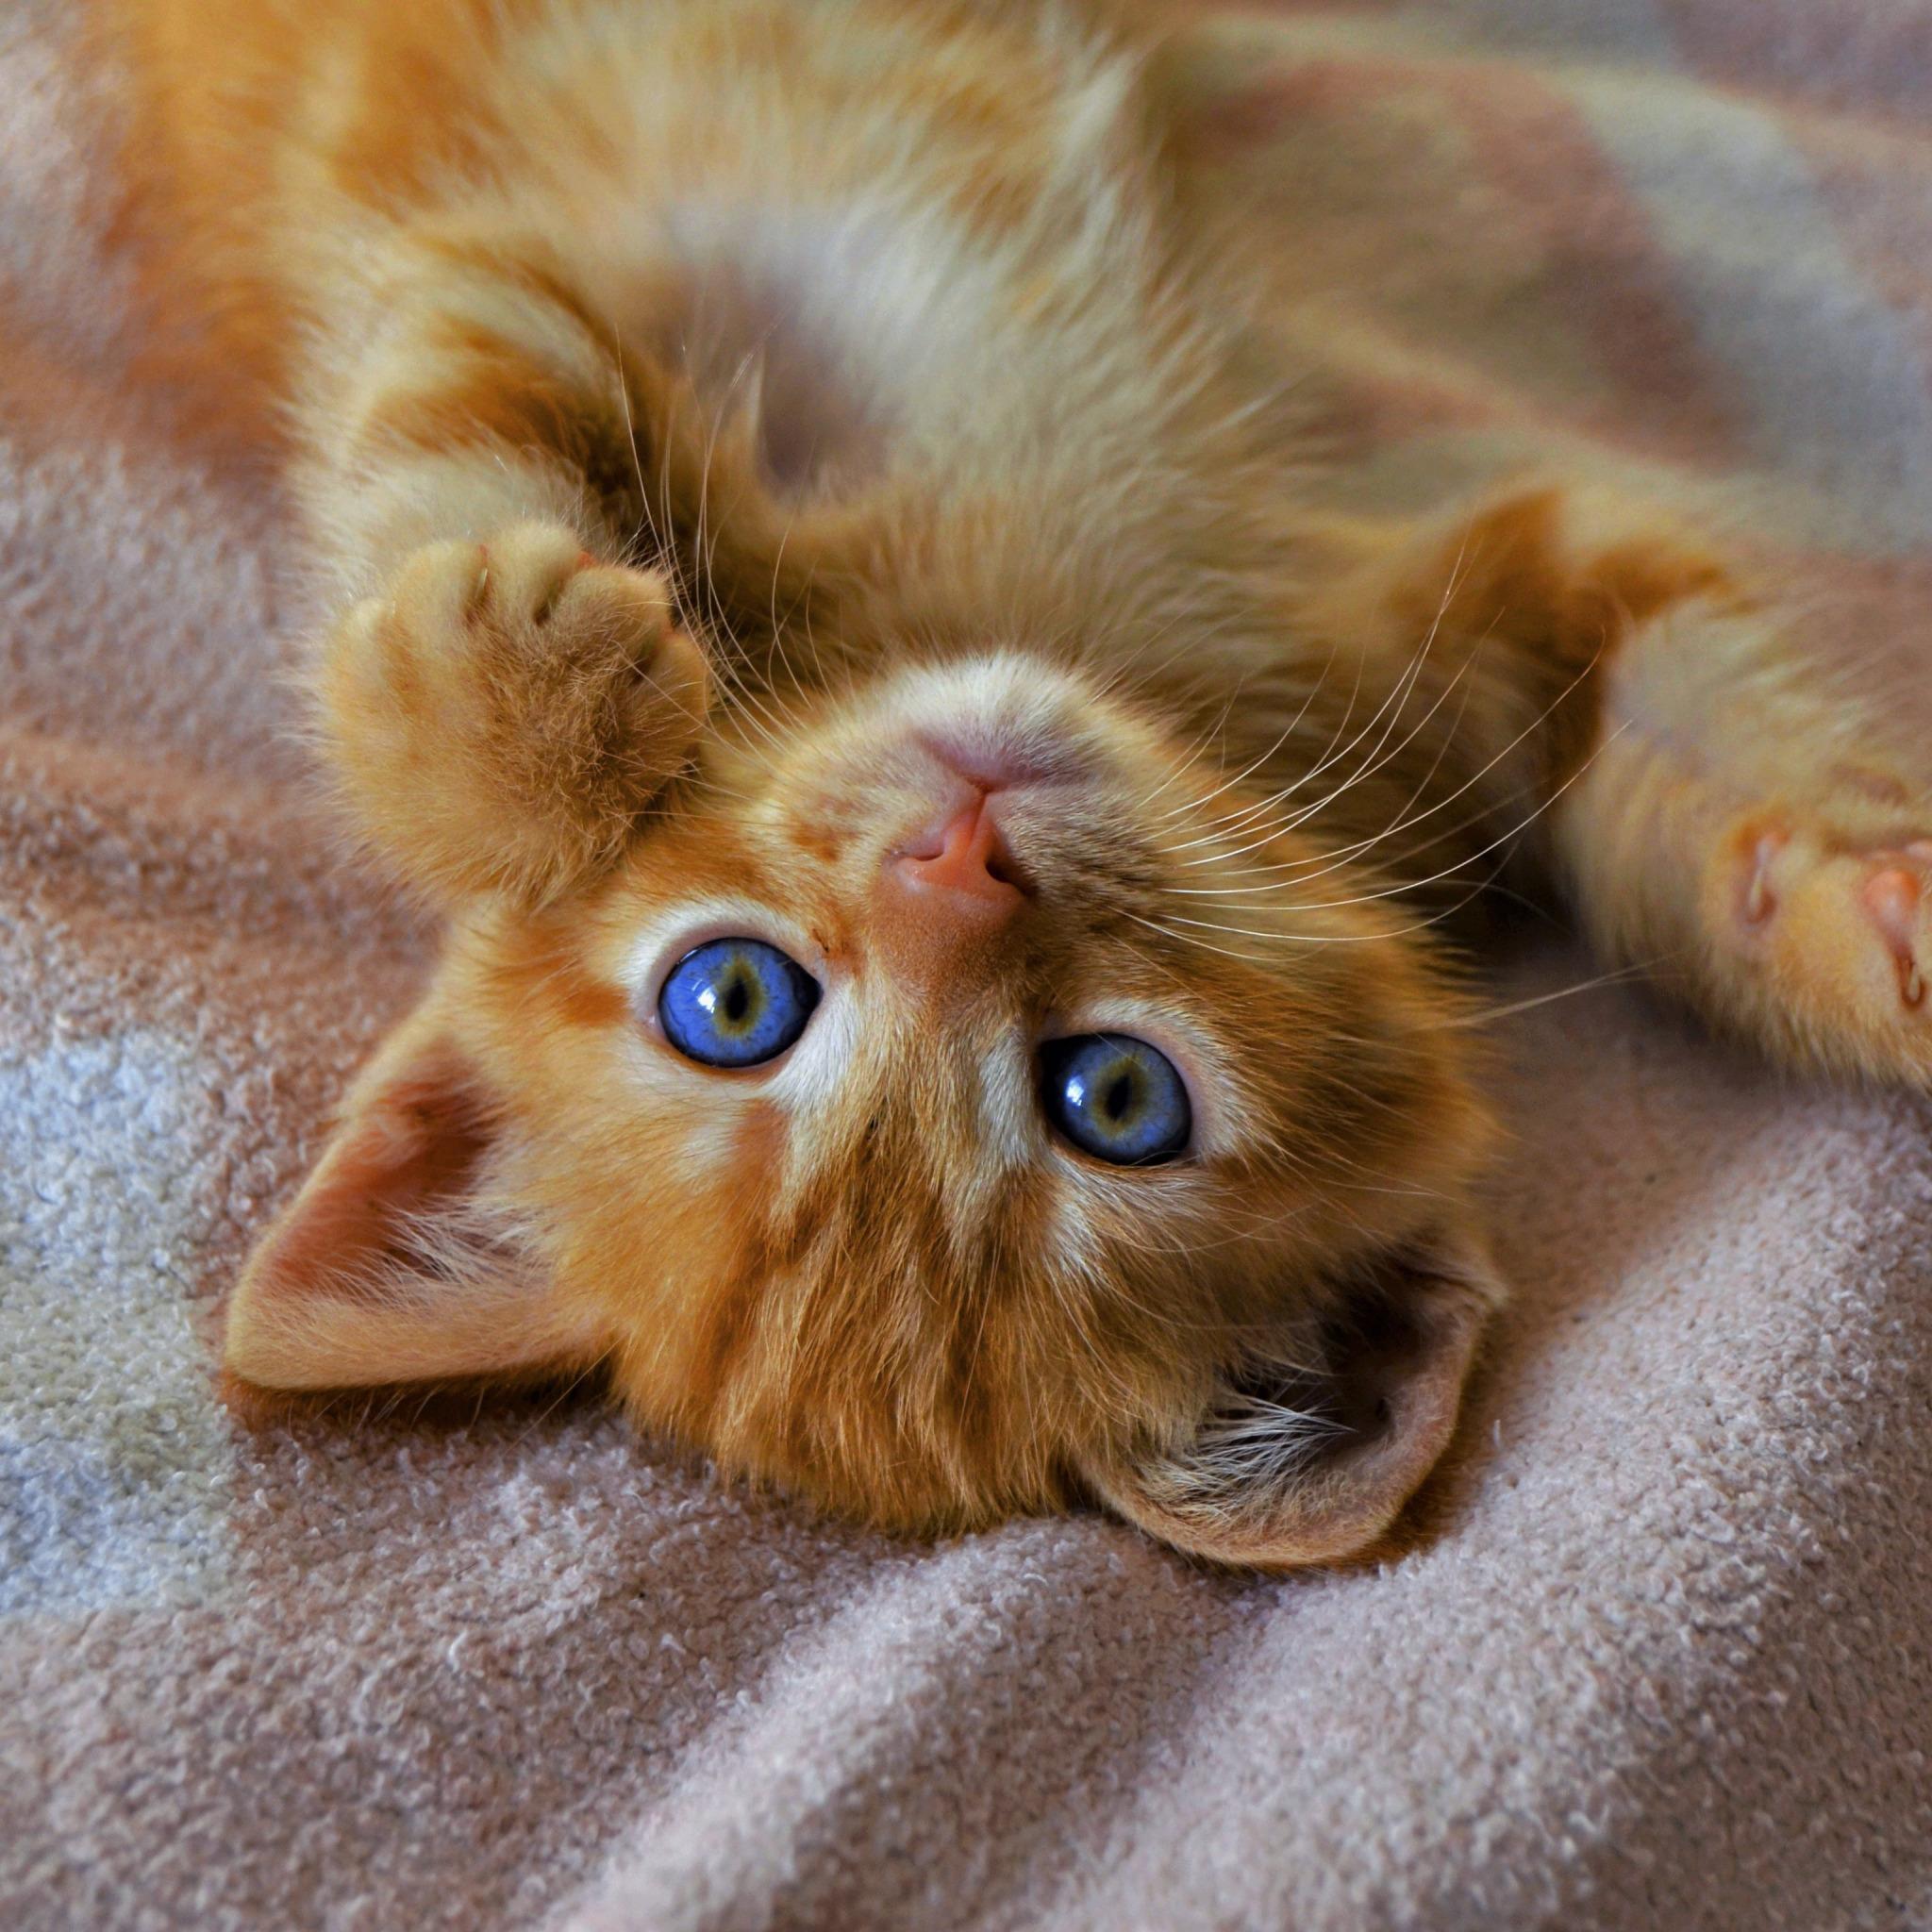 Картинки милого котенка с голубыми глазами, журналов лего